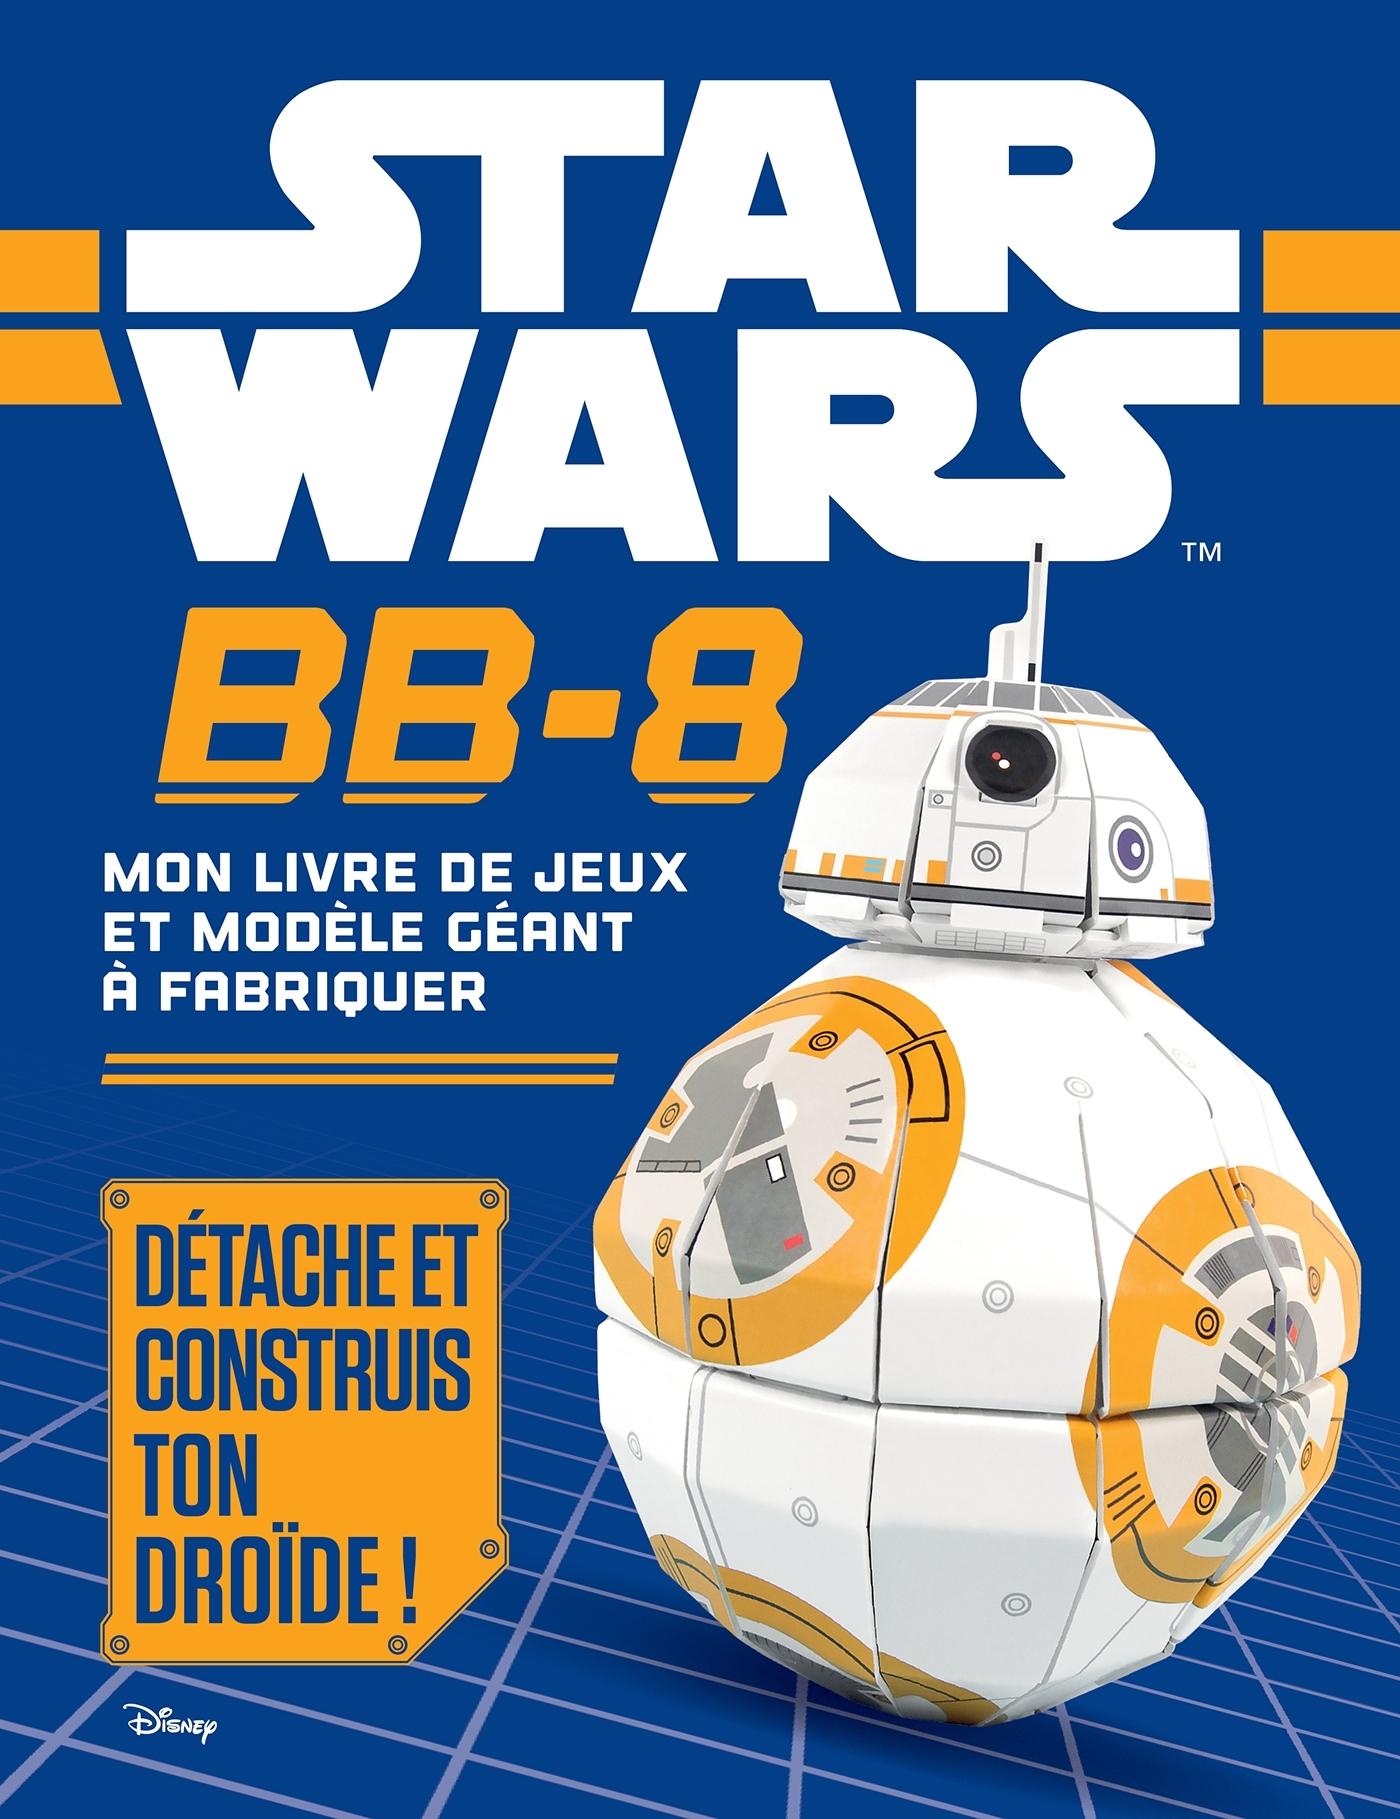 STAR WARS - CONSTRUIS BB8